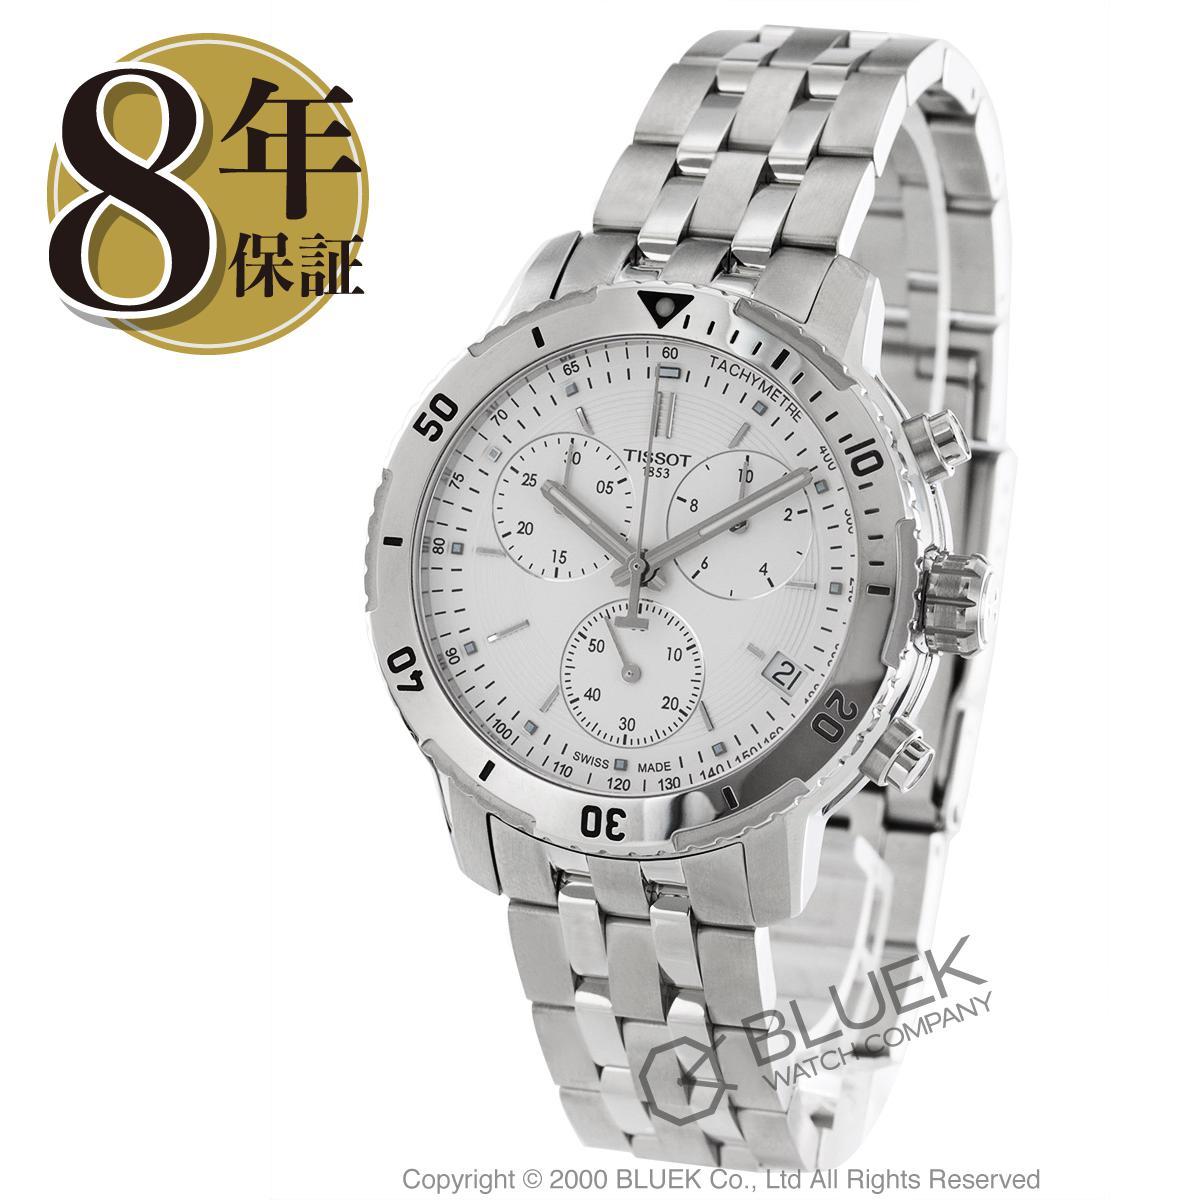 ティソ T-スポーツ PRS200 クロノグラフ 腕時計 メンズ TISSOT T067.417.11.031.01_8